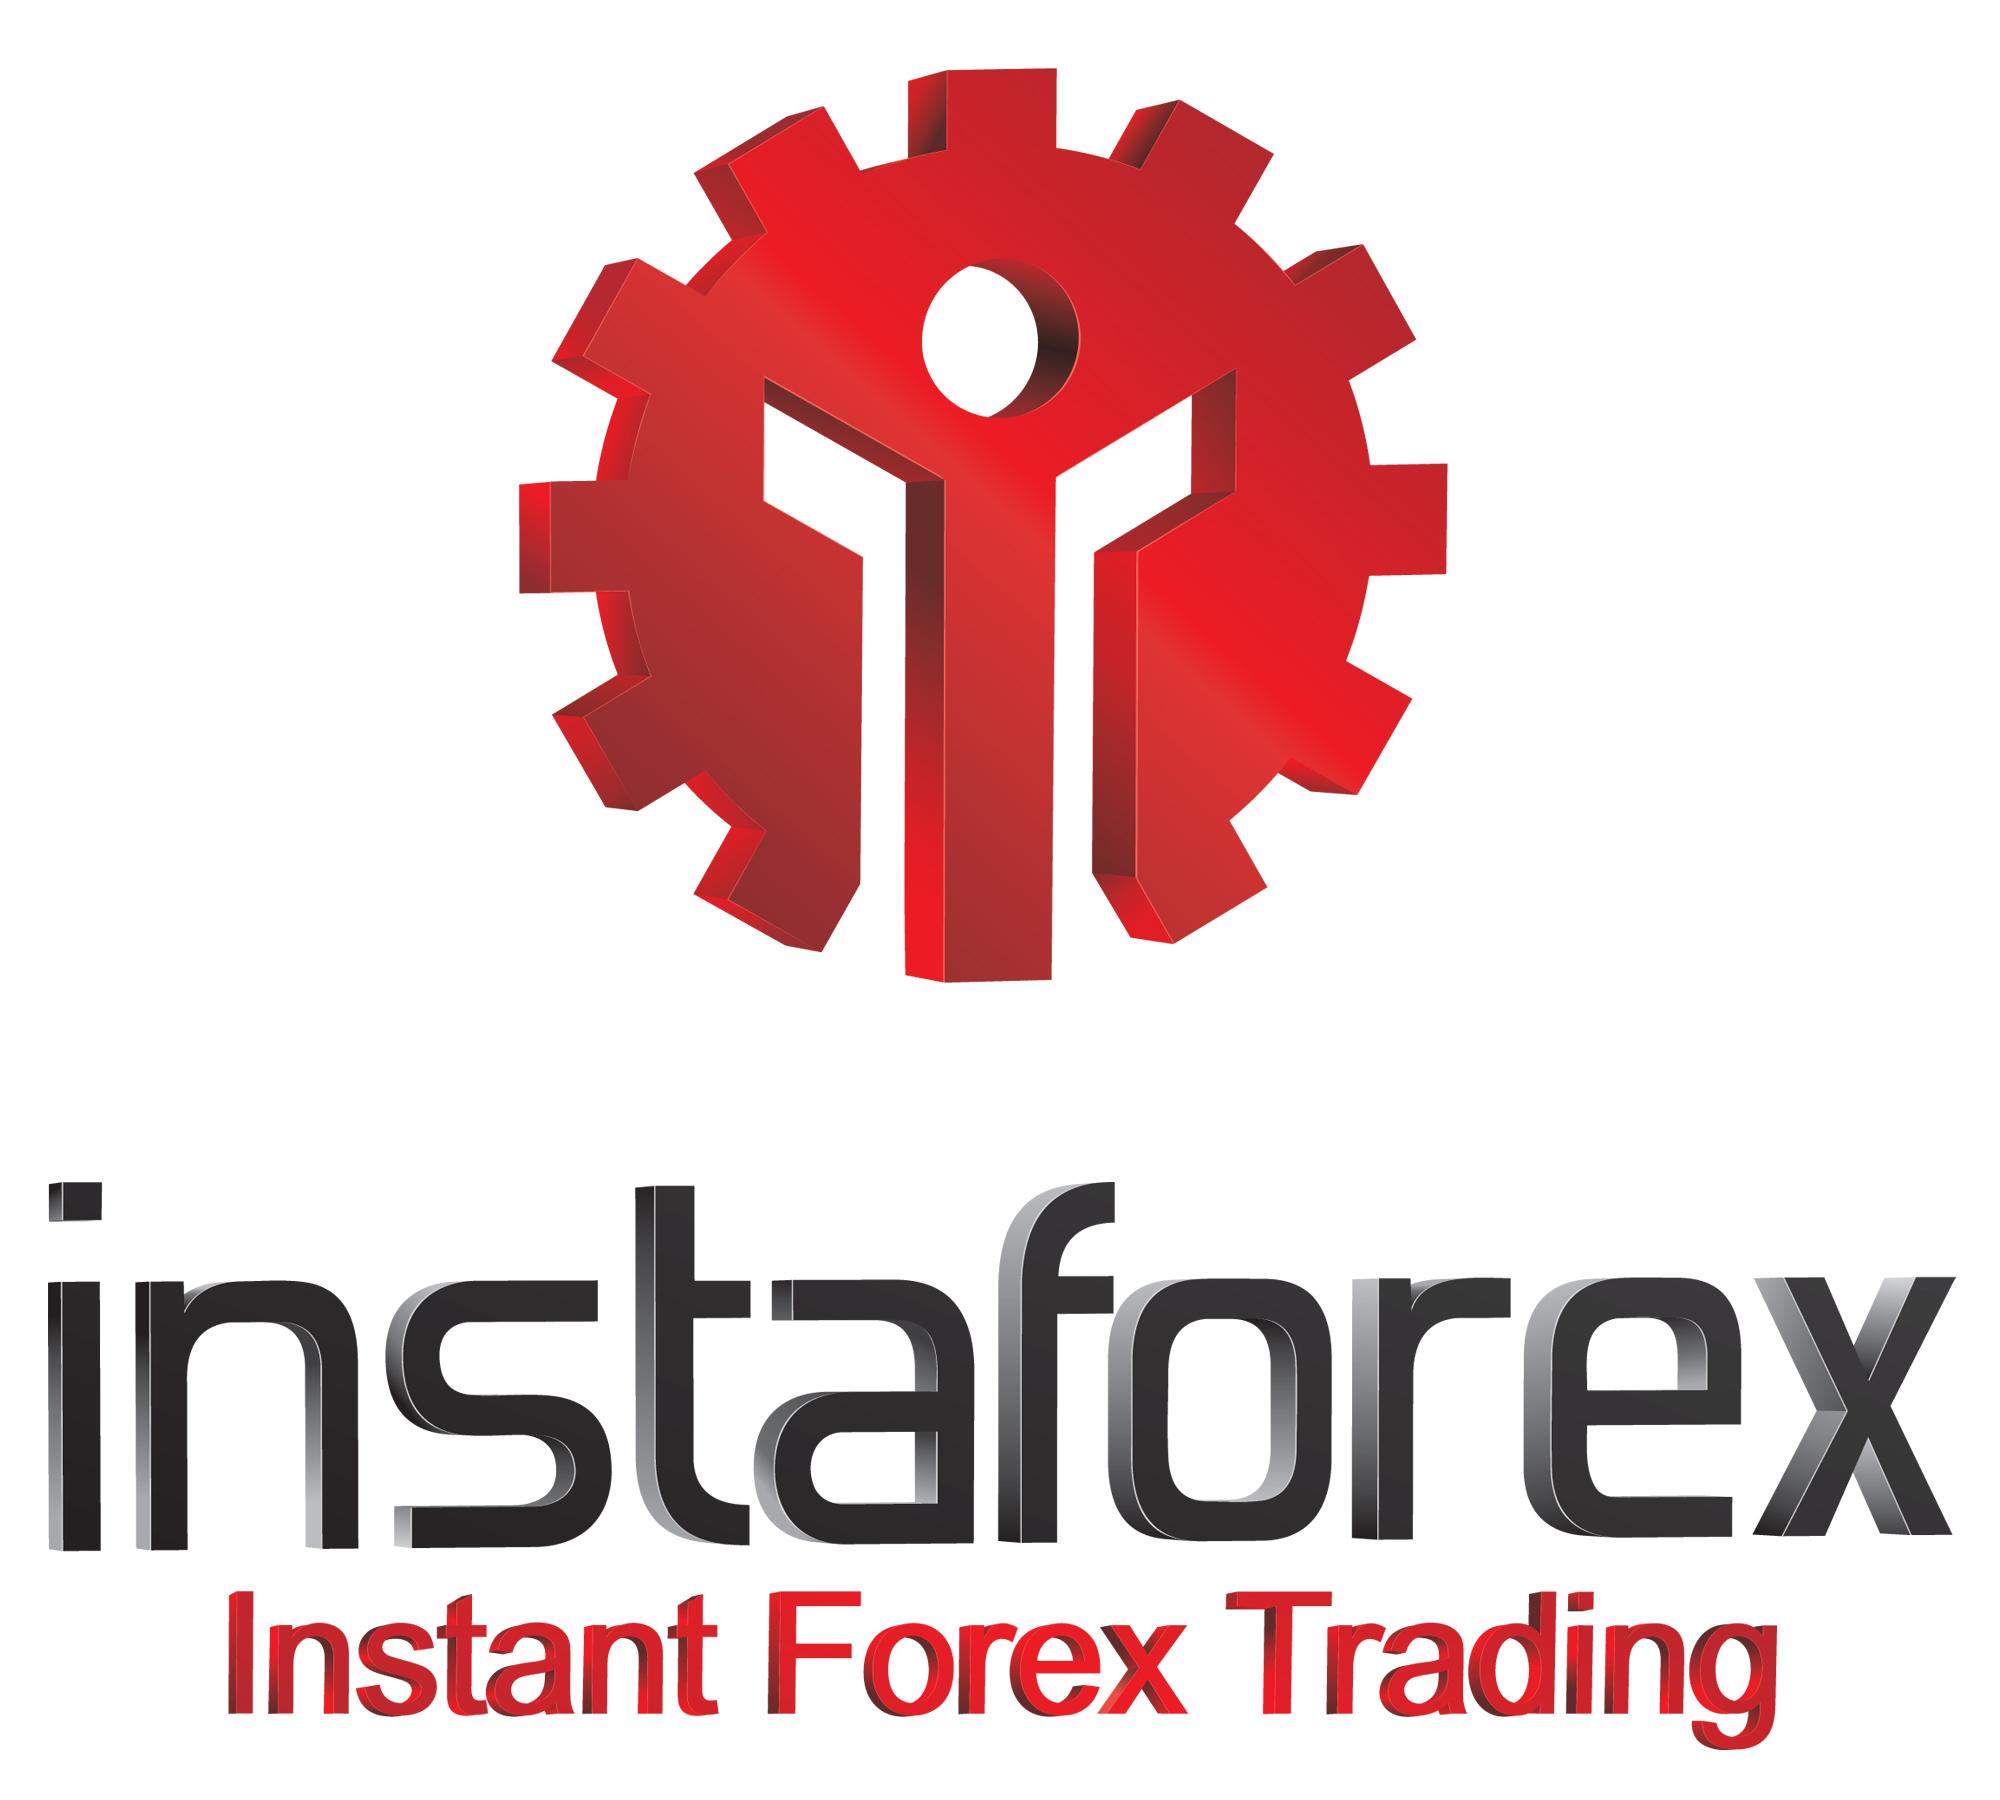 Instaforex downloads